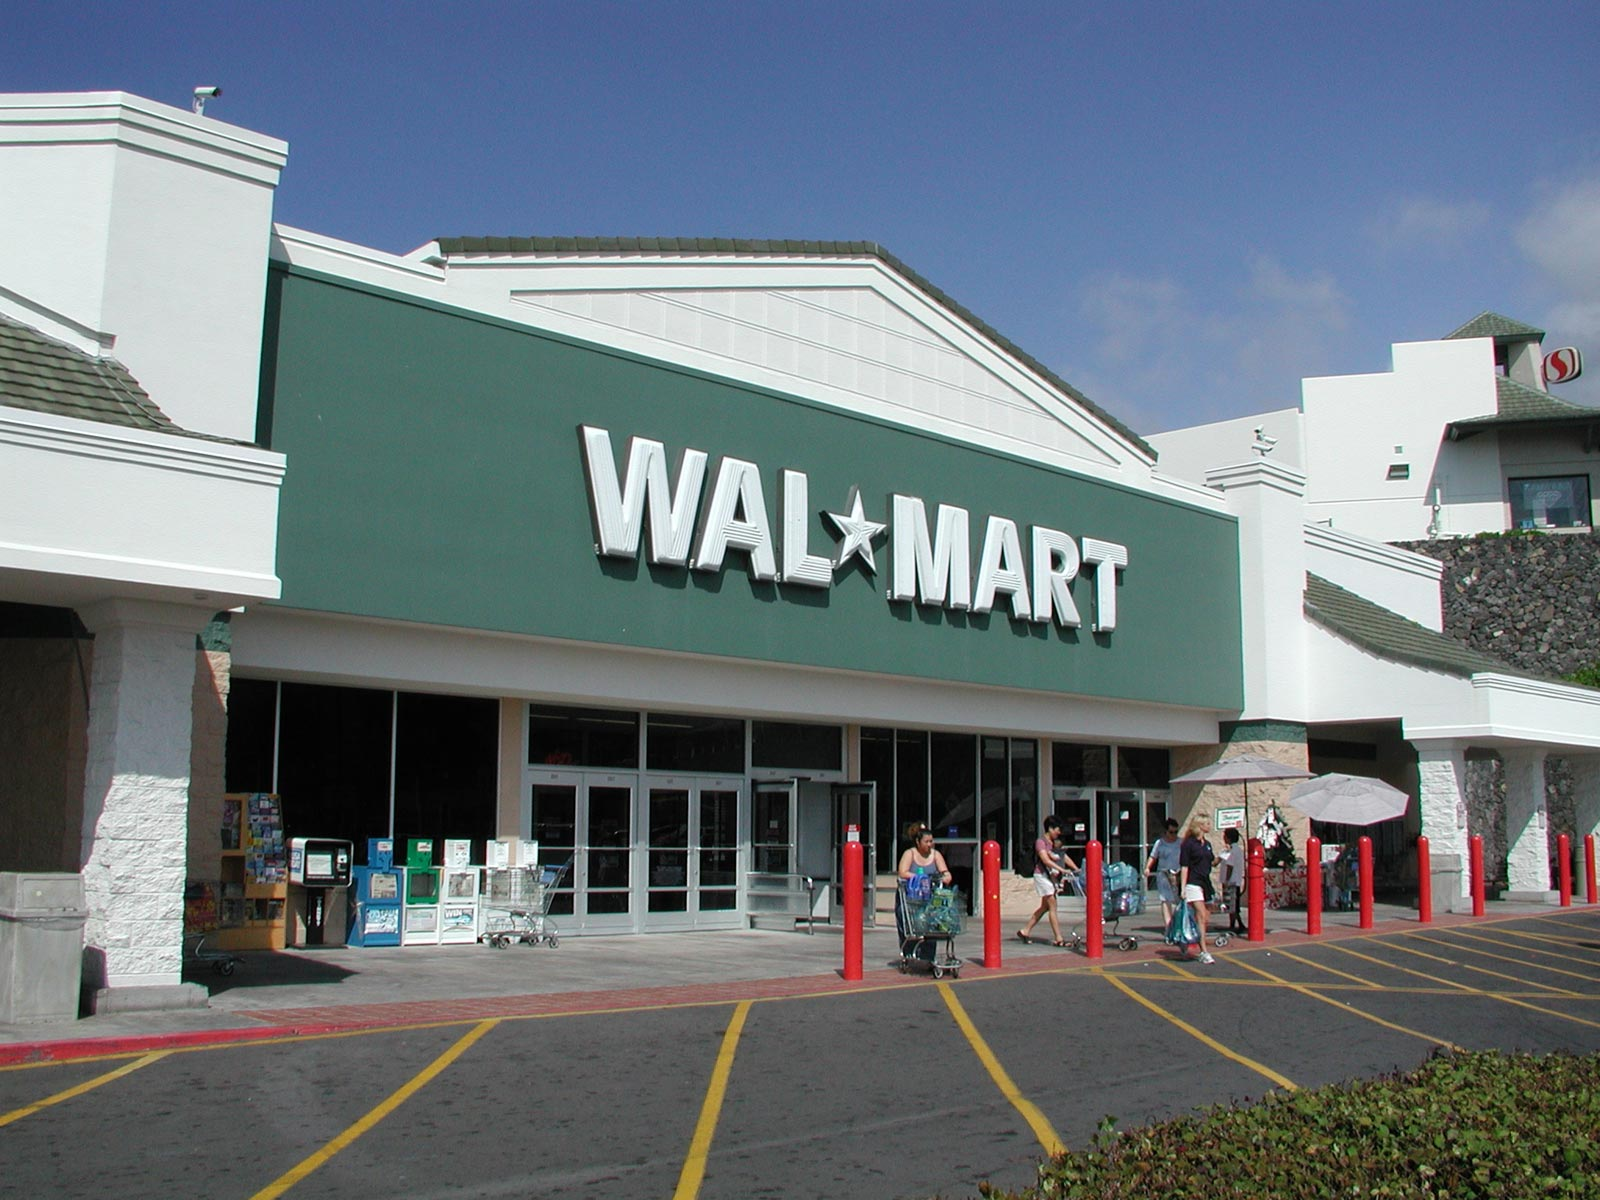 http://2.bp.blogspot.com/-PAtwwqbQsYA/UUeJs8oh7VI/AAAAAAAAHvc/uMb69aK54z4/s1600/Walmart+Wallpapers.jpg